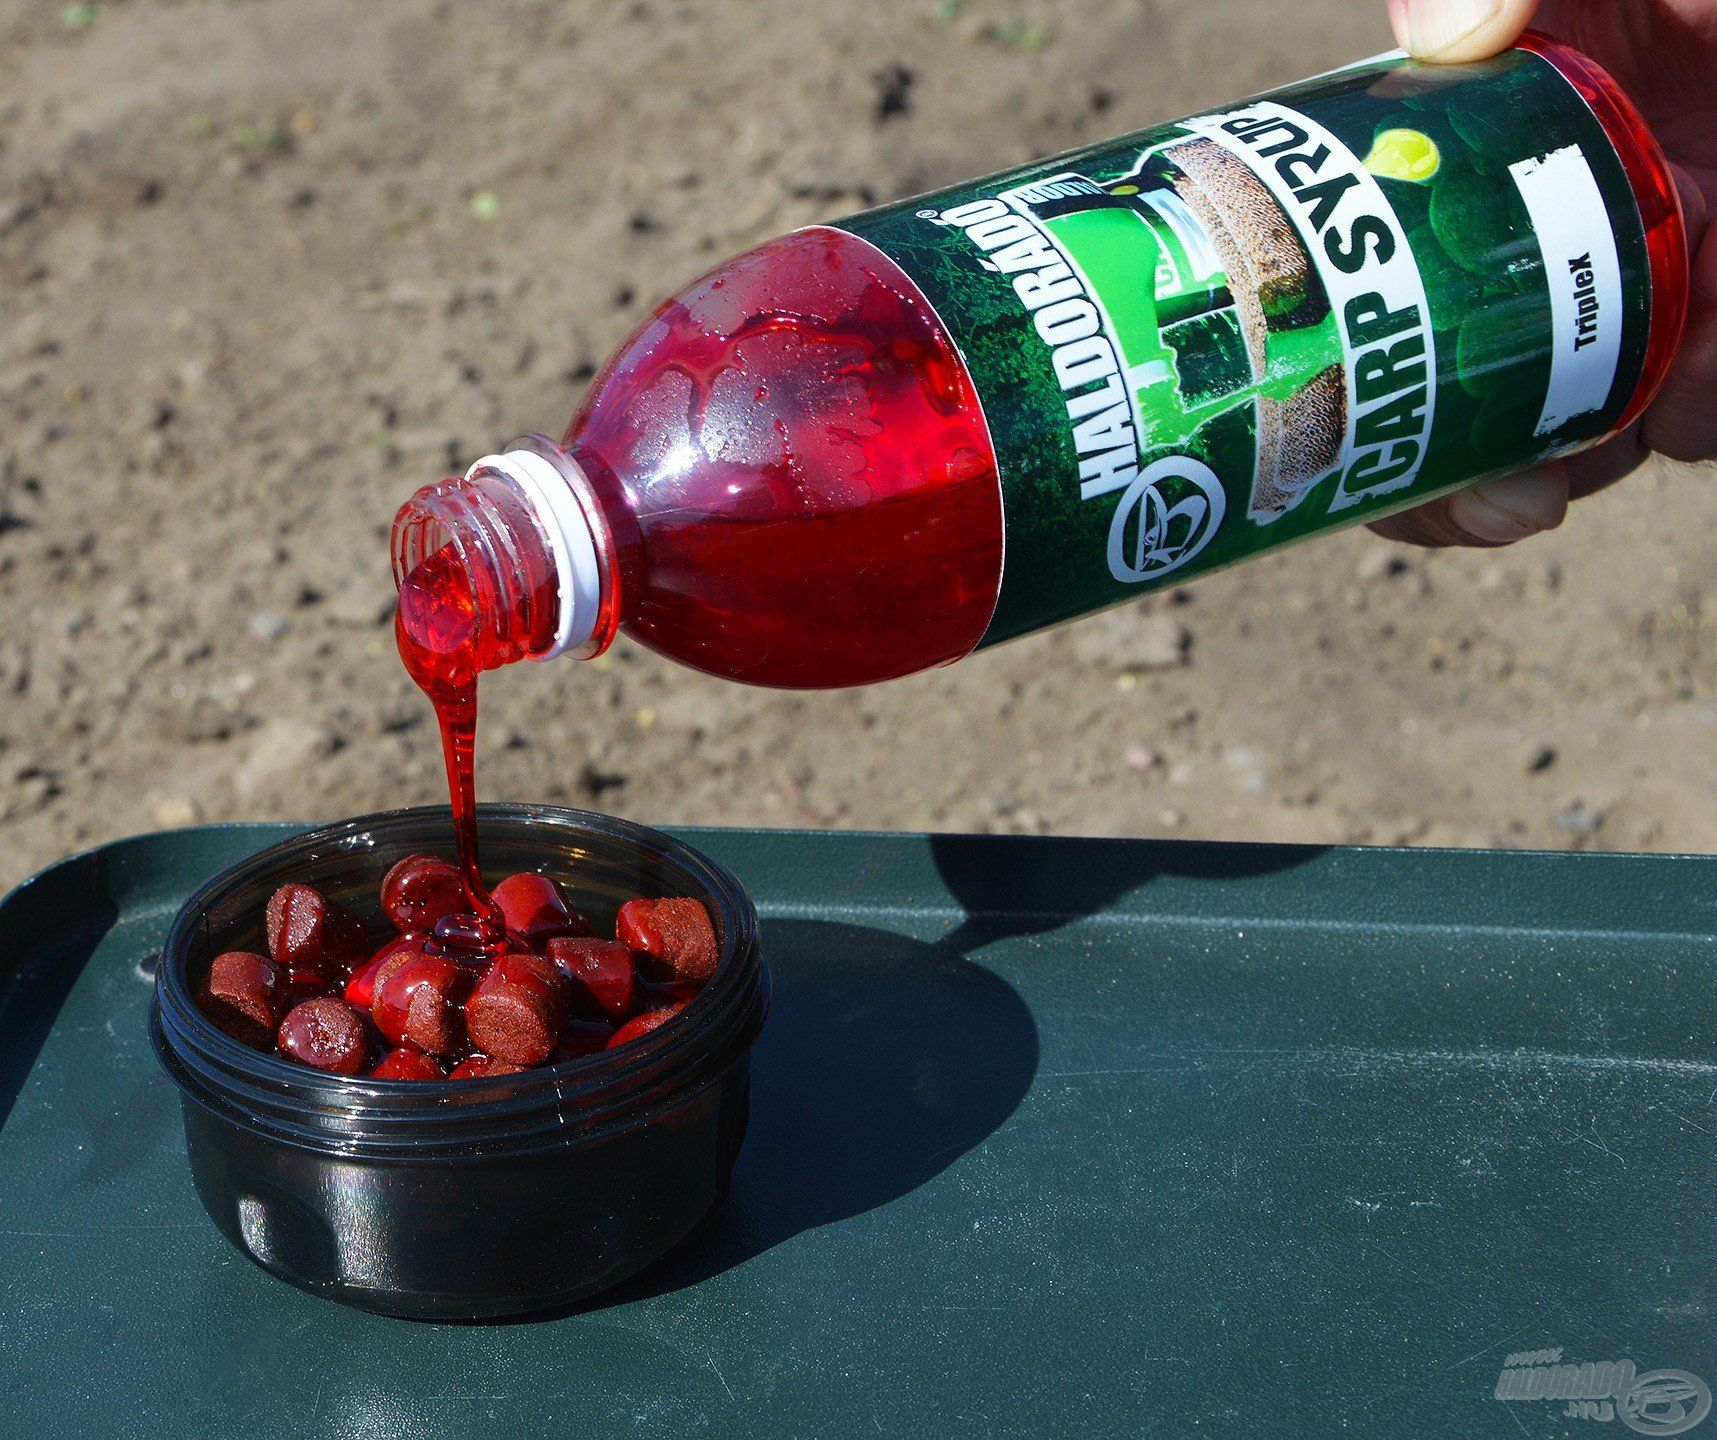 A Carp Syrup - TripleX egy különleges, kevert ízvilágú folyékony aroma. A Nagy Ponty, Tintahal és Frankfurti Kolbász kombinációja tökéletes bármilyen hallisztes alapú pelletnek, etetőanyagnak